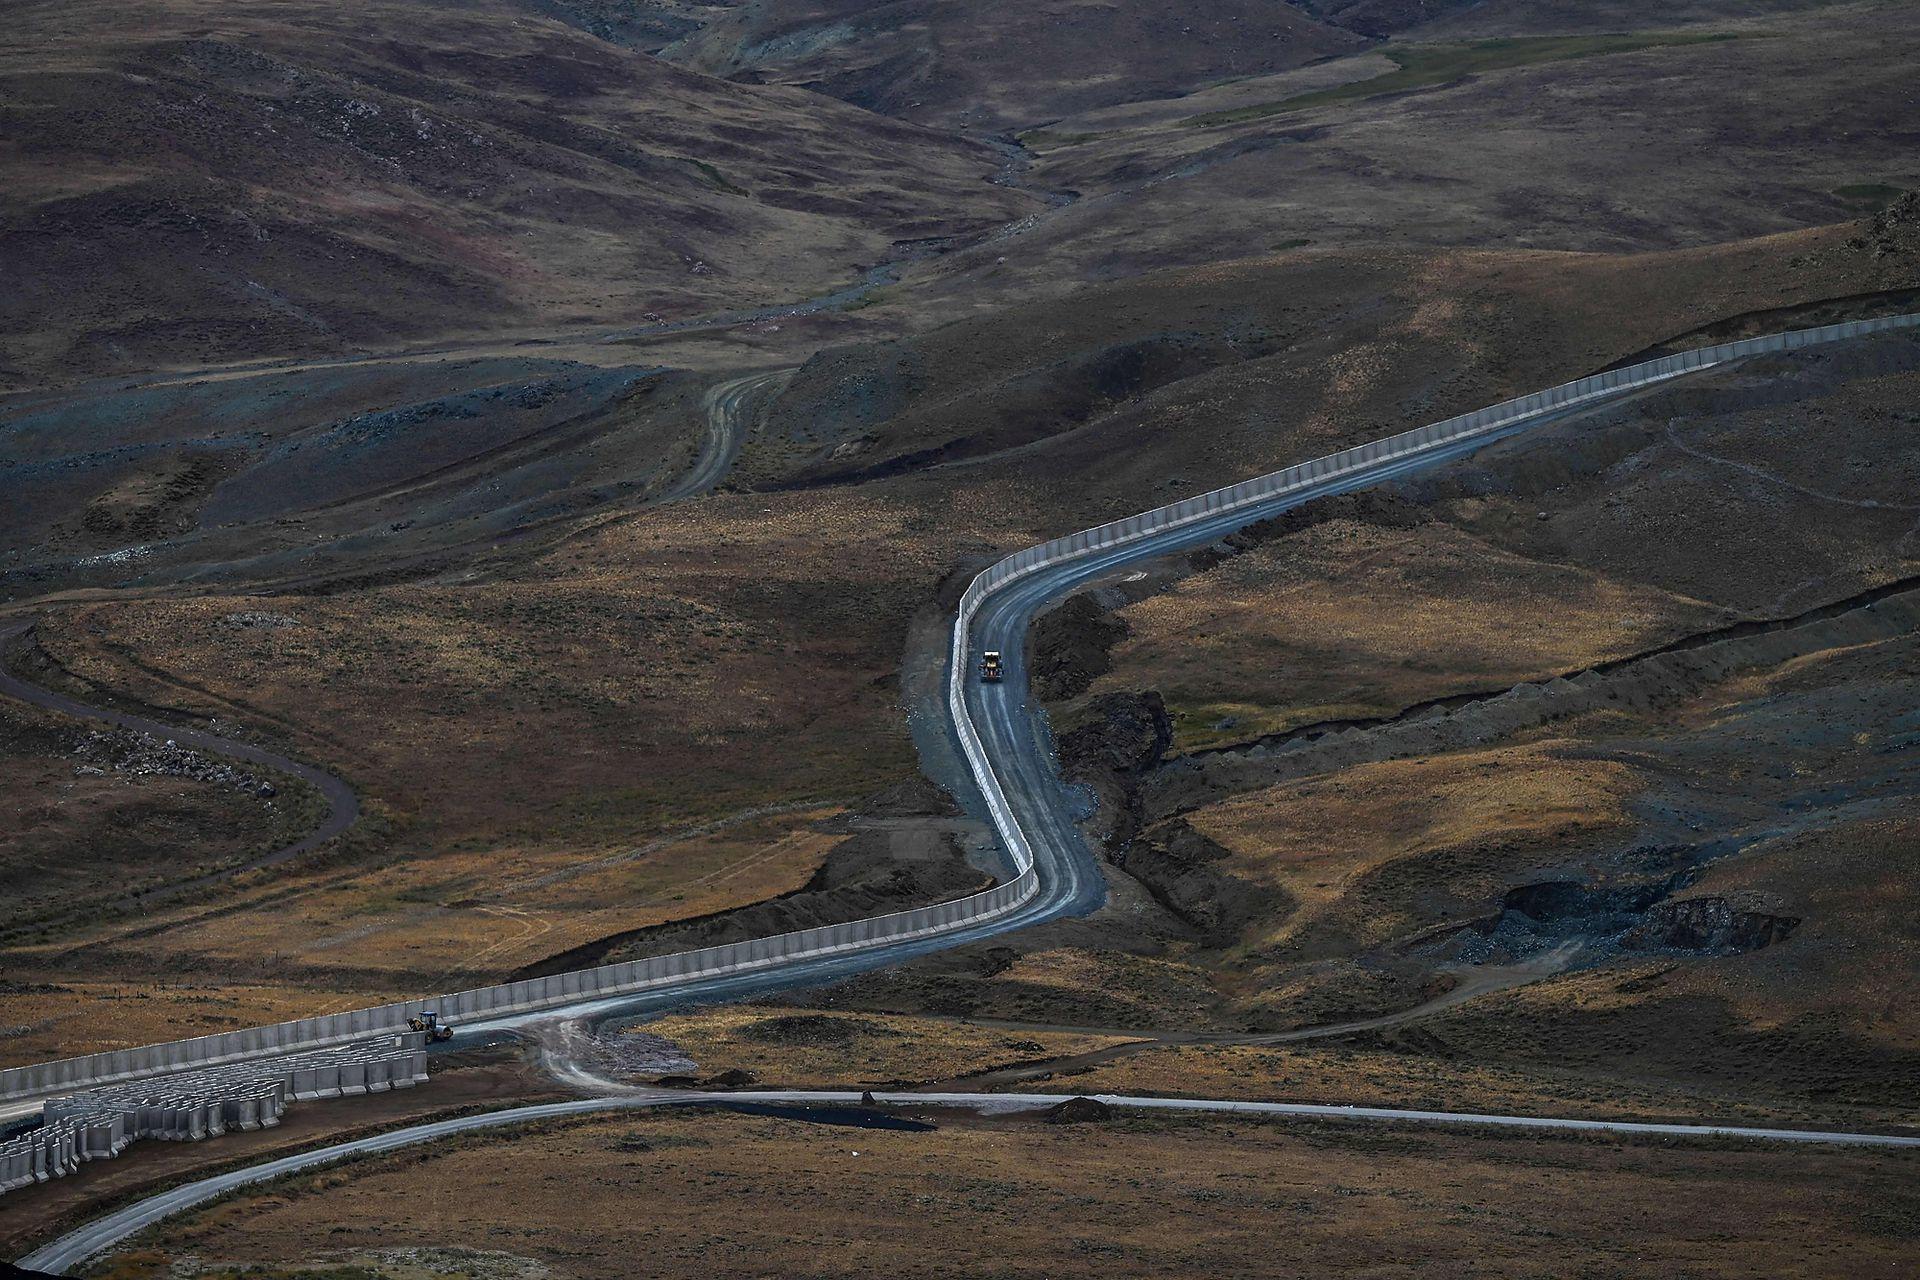 El  muro de hormigón de prácticamente tres metros de altura se levanta en el desierto está destinado a ser infranqueable